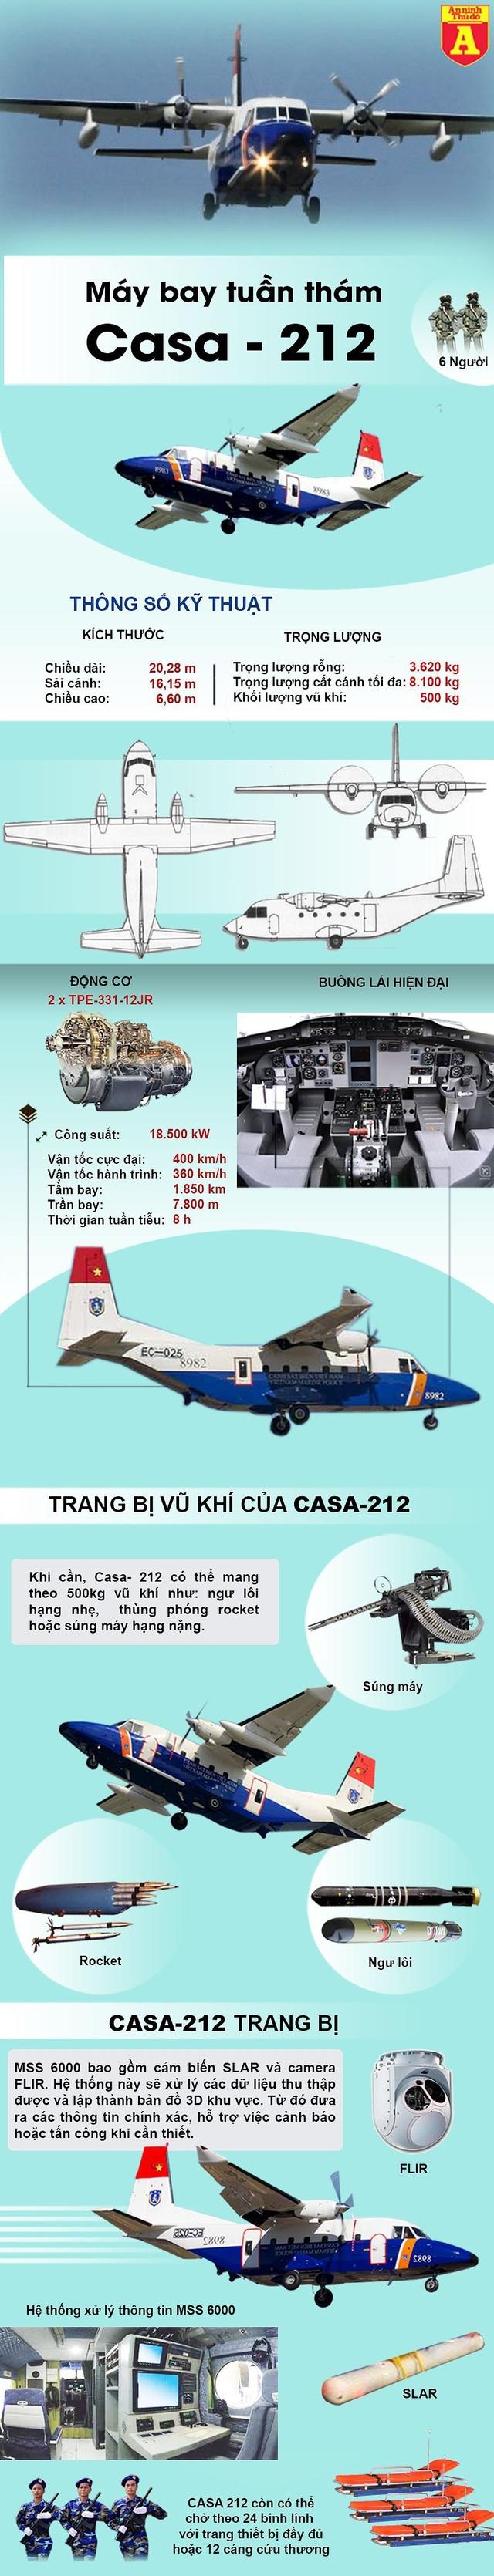 """Casa-212, """"mắt thần"""" trên biển của Việt Nam - 4"""